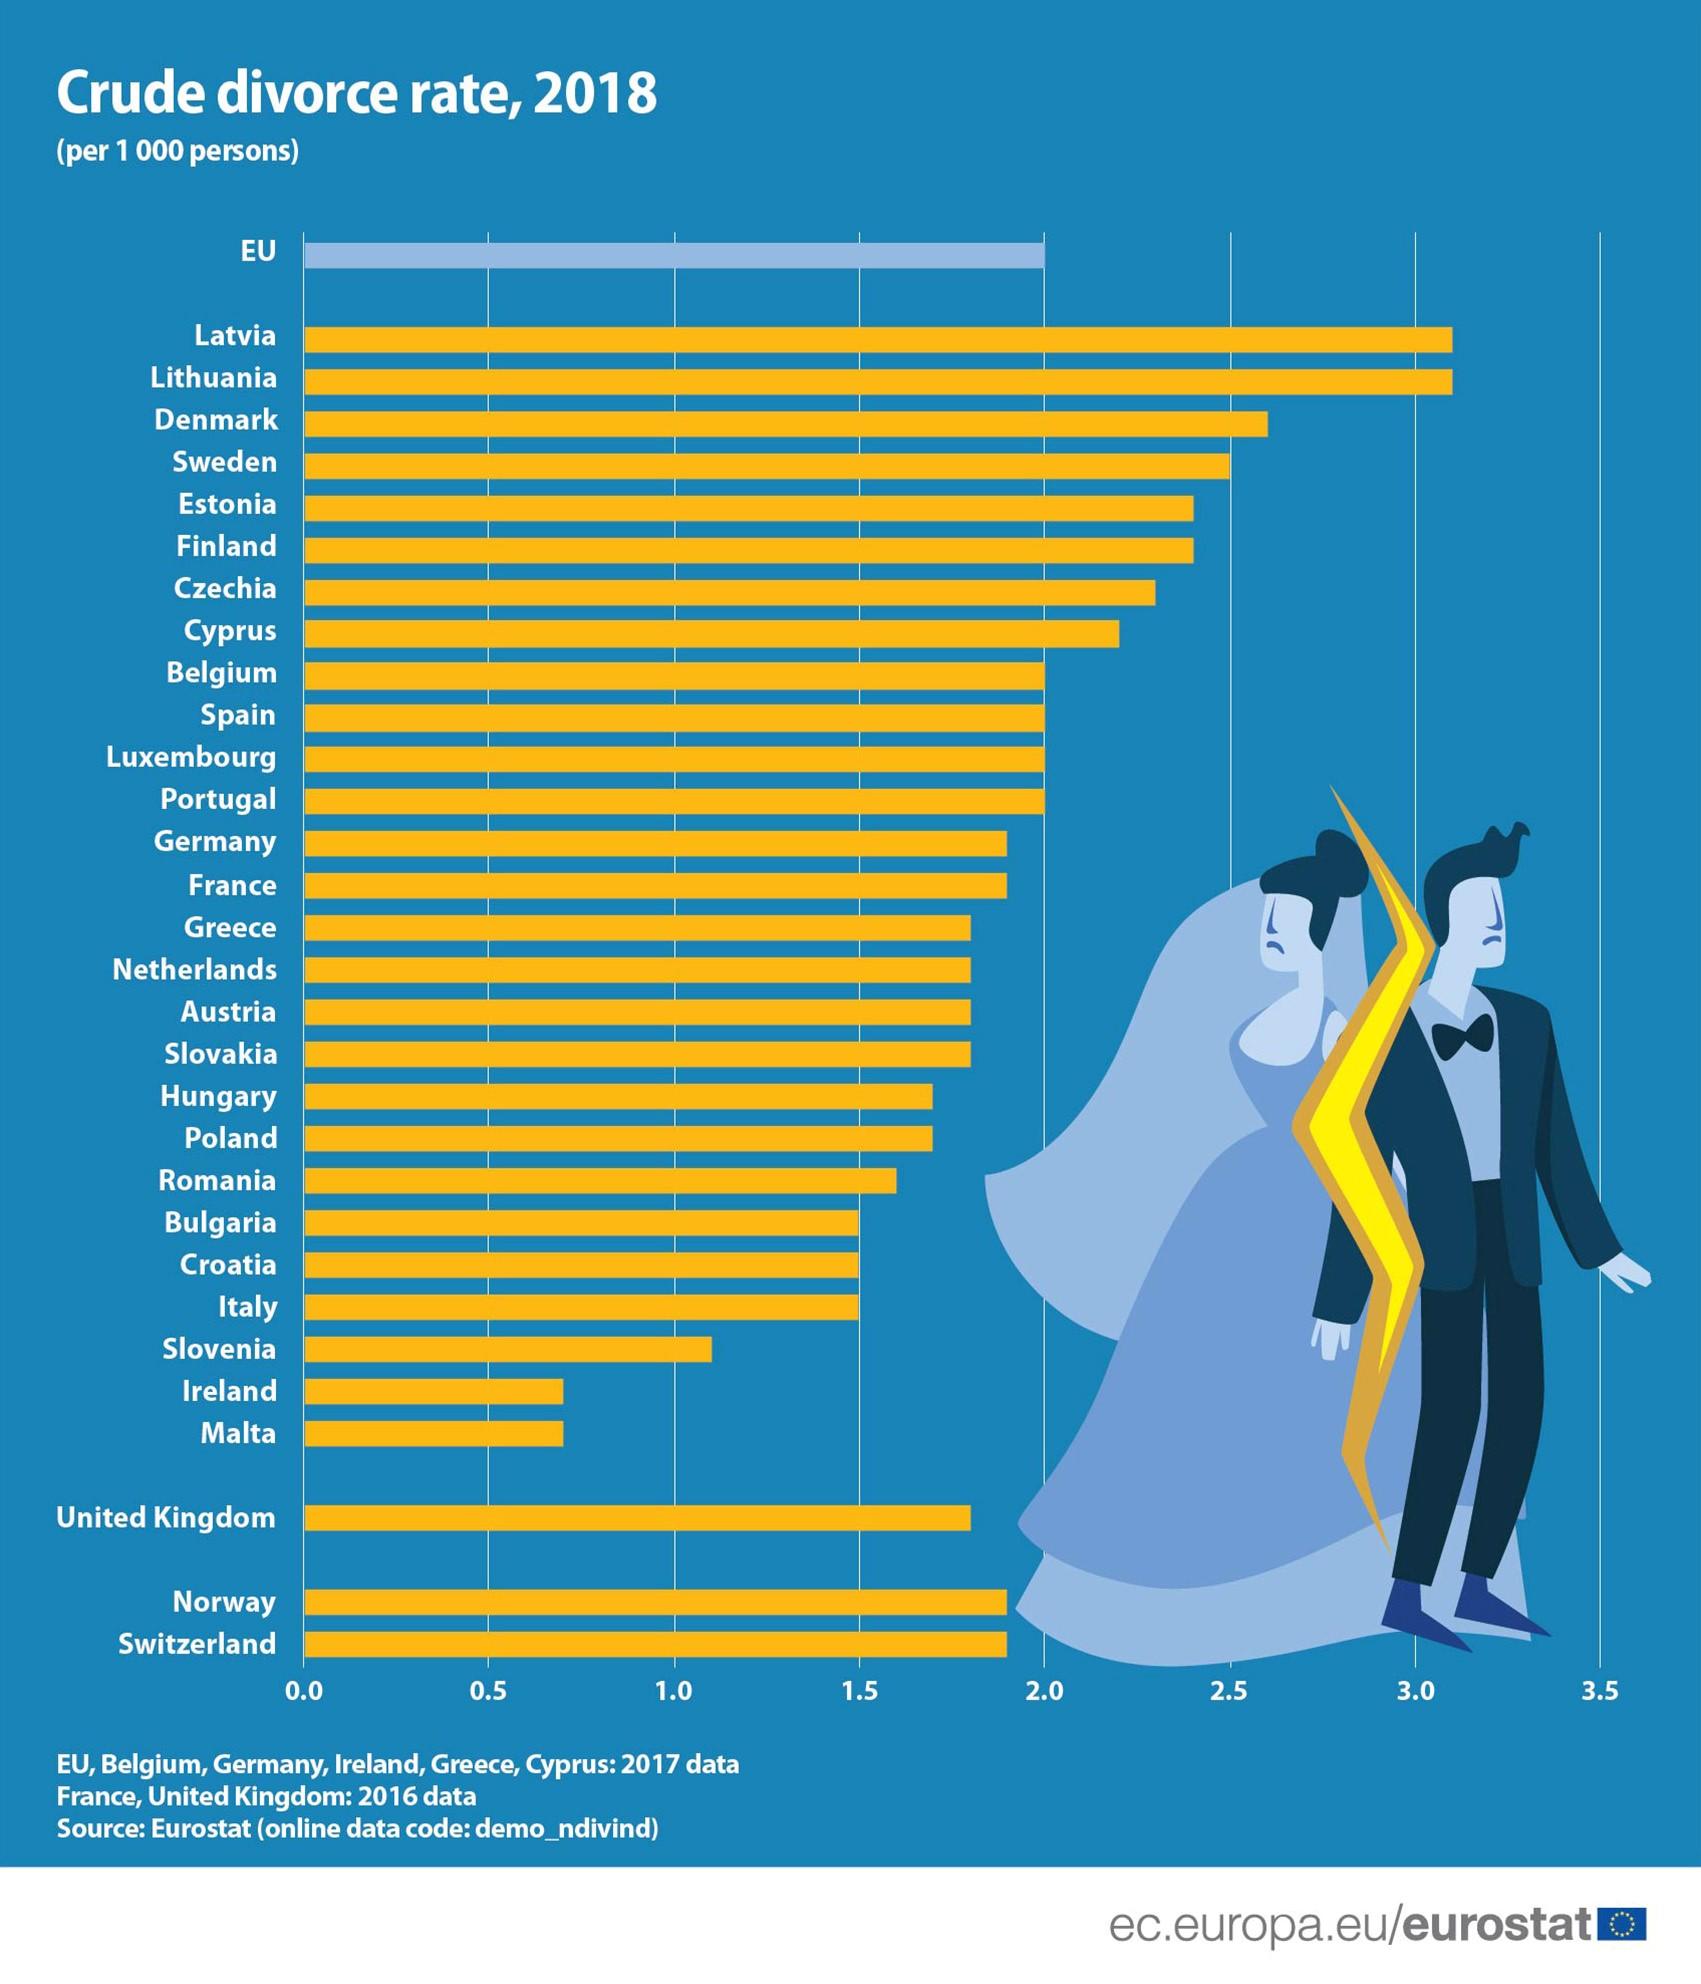 https://ec.europa.eu/eurostat/documents/4187653/10321608/EU+crude+divorce+rate+2018.jpg